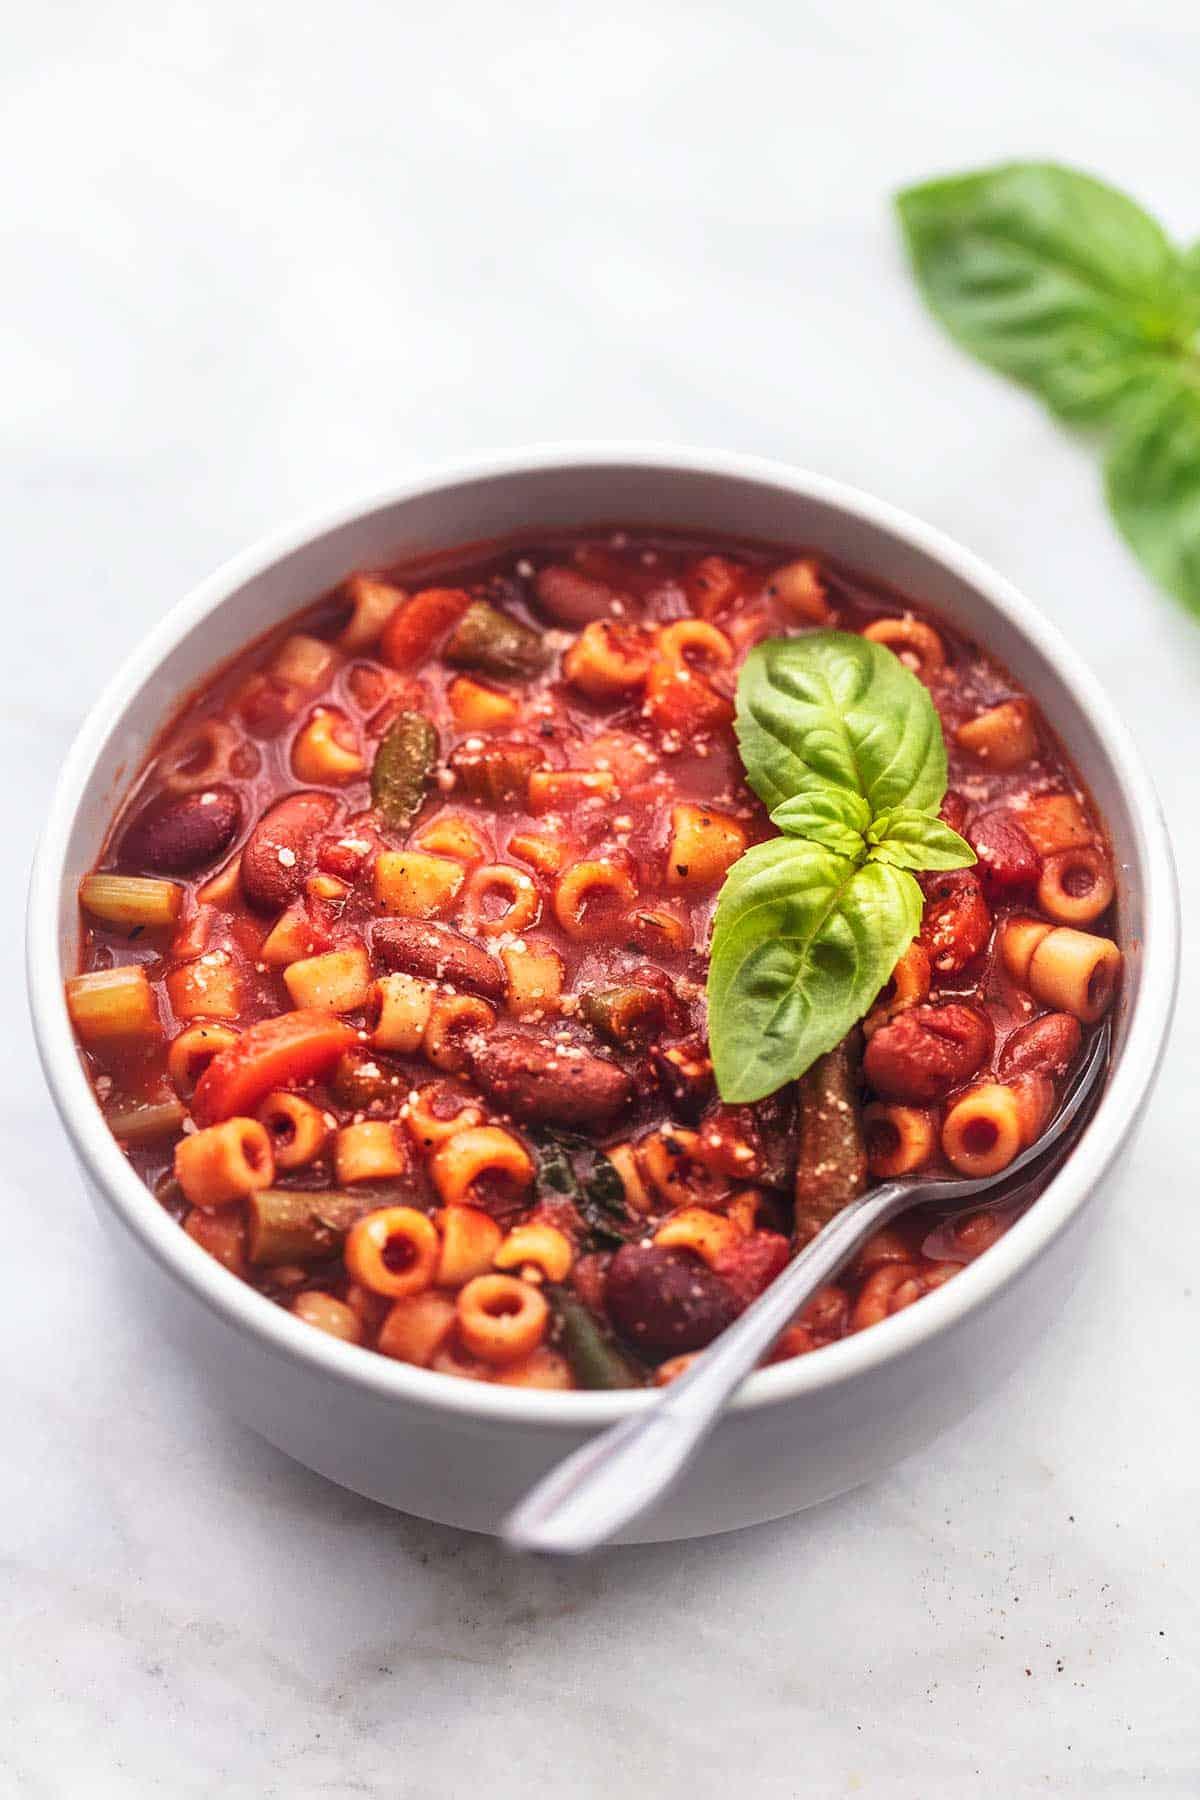 italienische Minestrone-Suppe mit Löffel in einer Schüssel